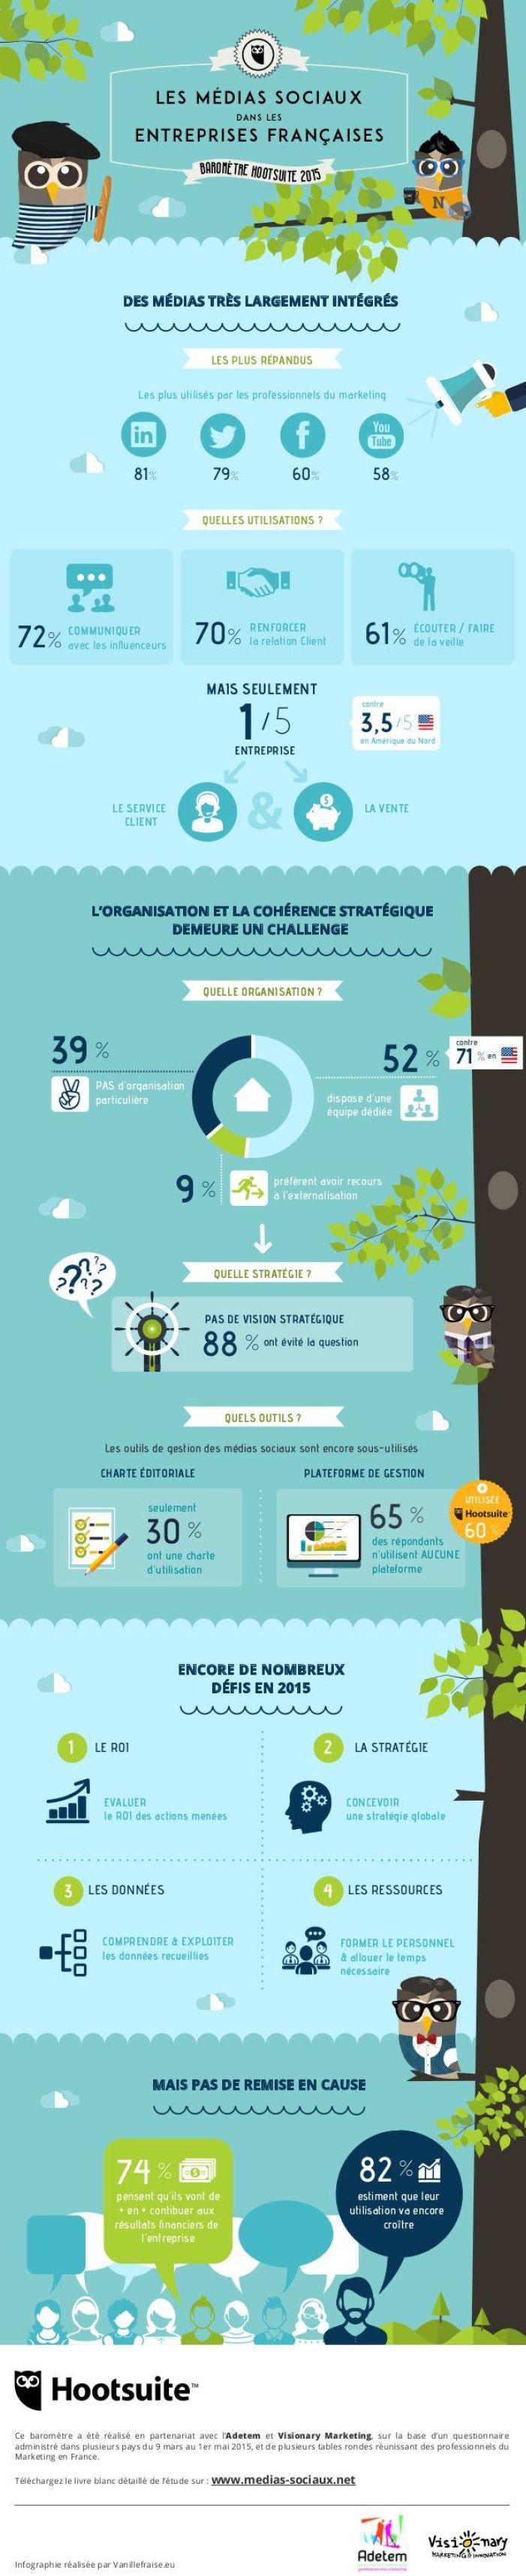 Les #RéseauxSociaux dans les entreprises françaises. #RH #DigitalRH